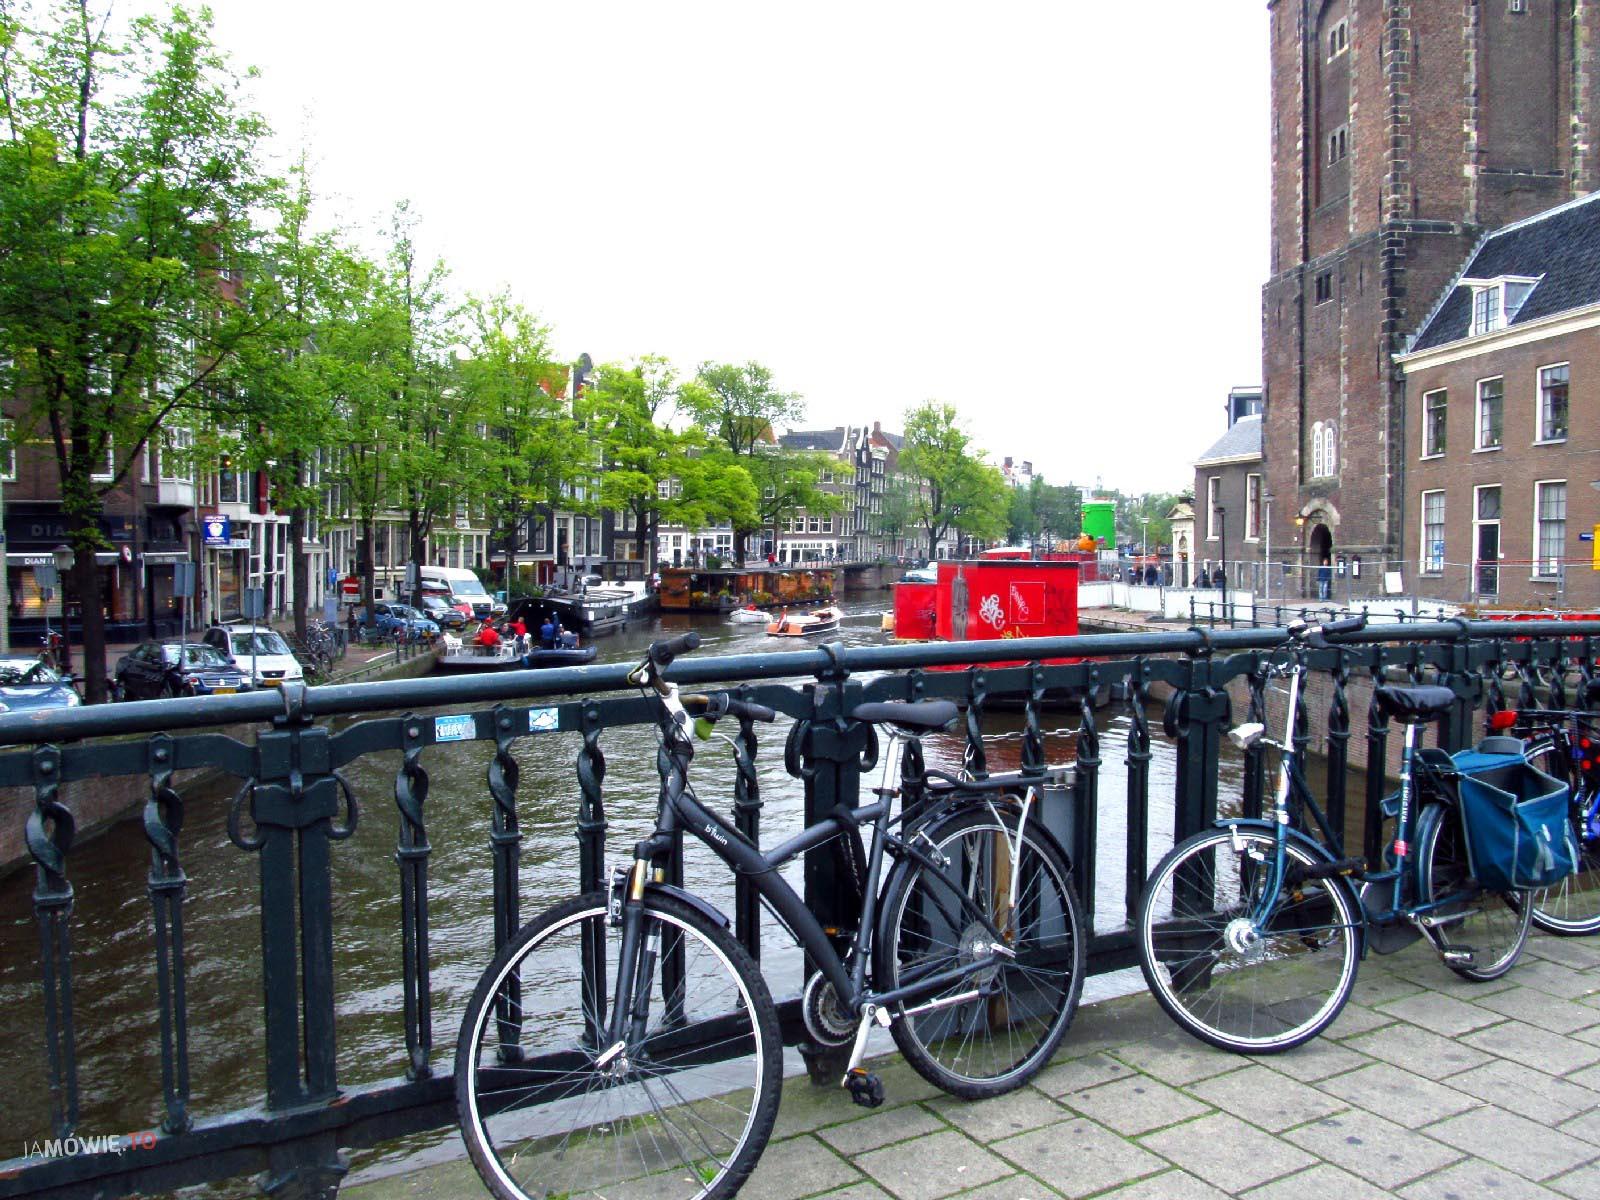 Moje ulubione miejsca w Europie - Amsterdam - Ja mówię TO http://jamowie.to